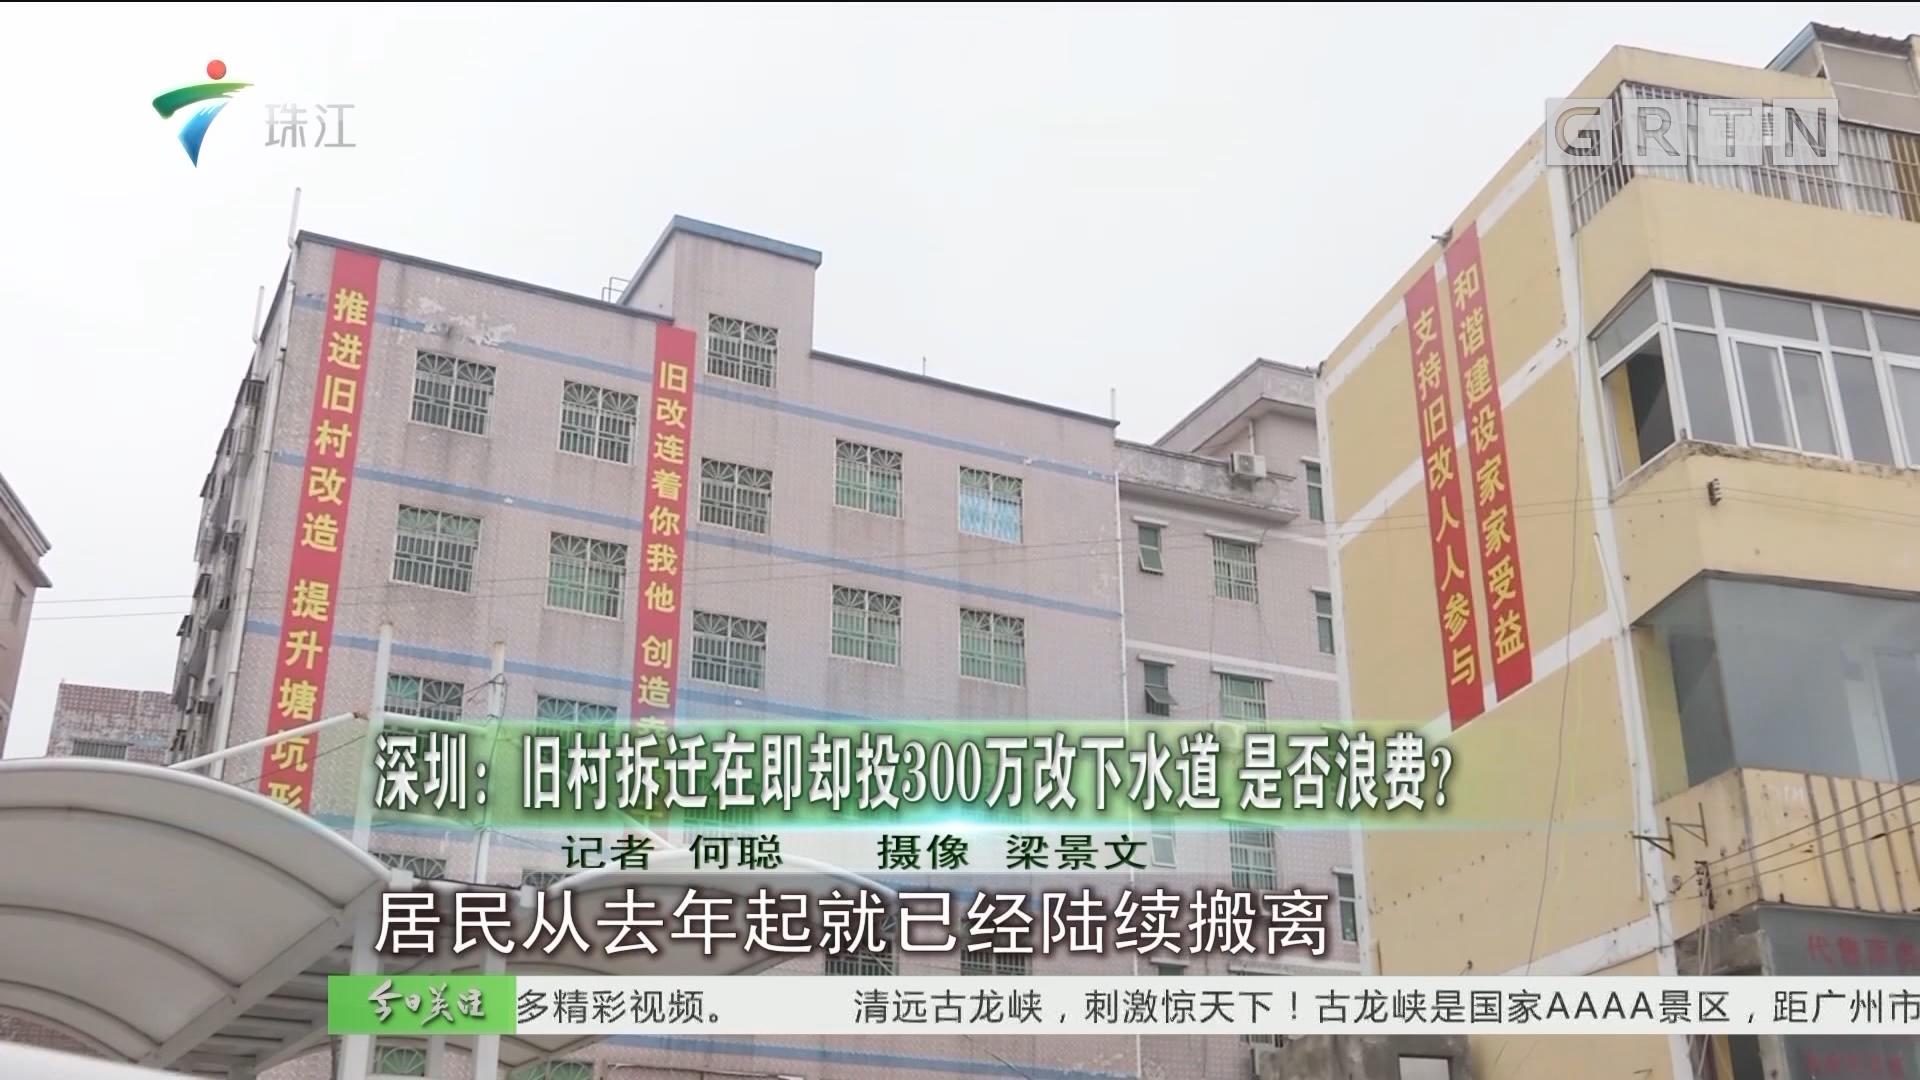 深圳:旧村拆迁在即却投300万改下水道 是否浪费?